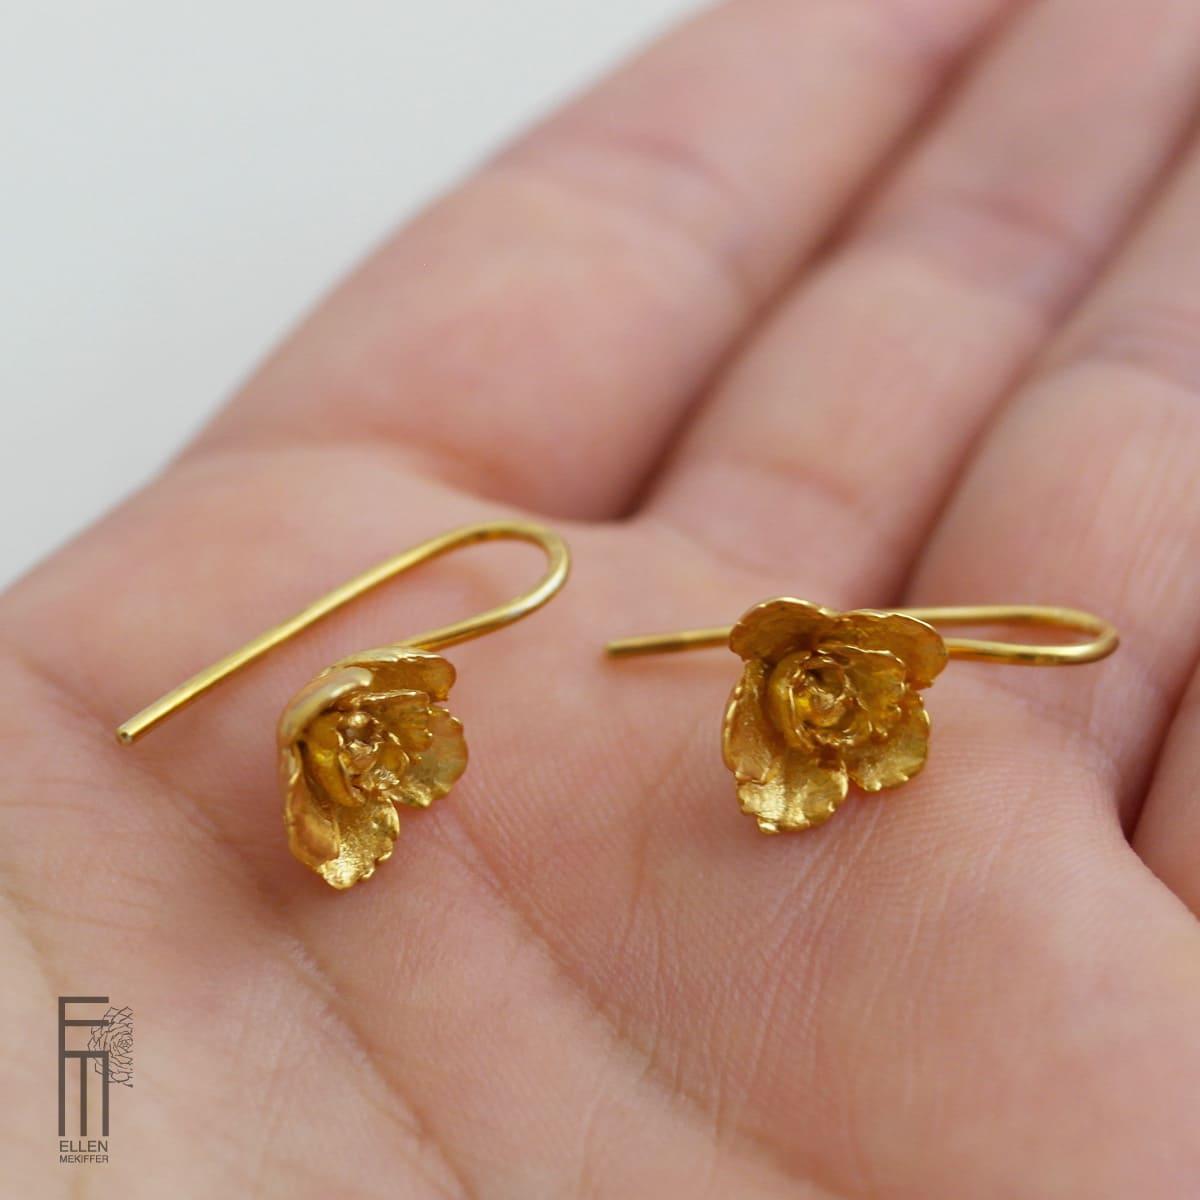 pendientes elegantes de oro, ellen mekiffer sevilla, comprar pendientes de oro, joyas hechas a mano, joyasmarket